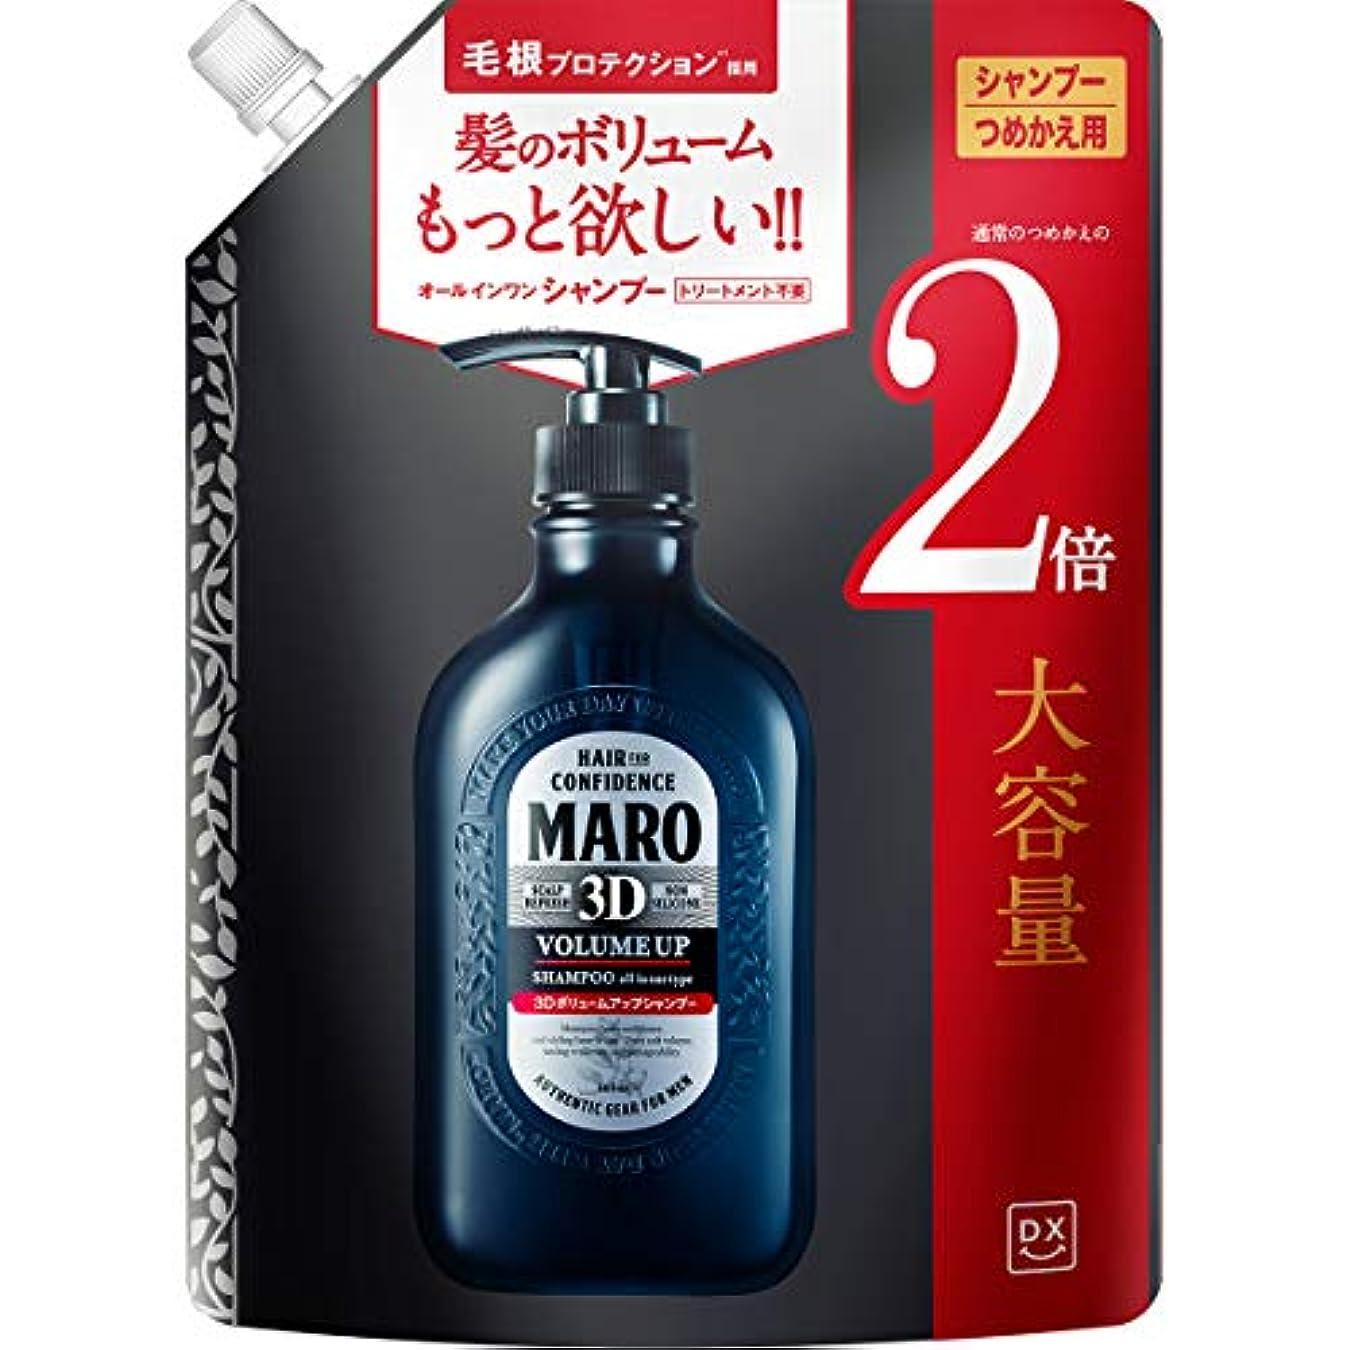 修道院掃除プロトタイプ[Amazon限定ブランド] マーロ(MARO) DX 3Dボリュームアップ シャンプー EX 詰替え用 760ml